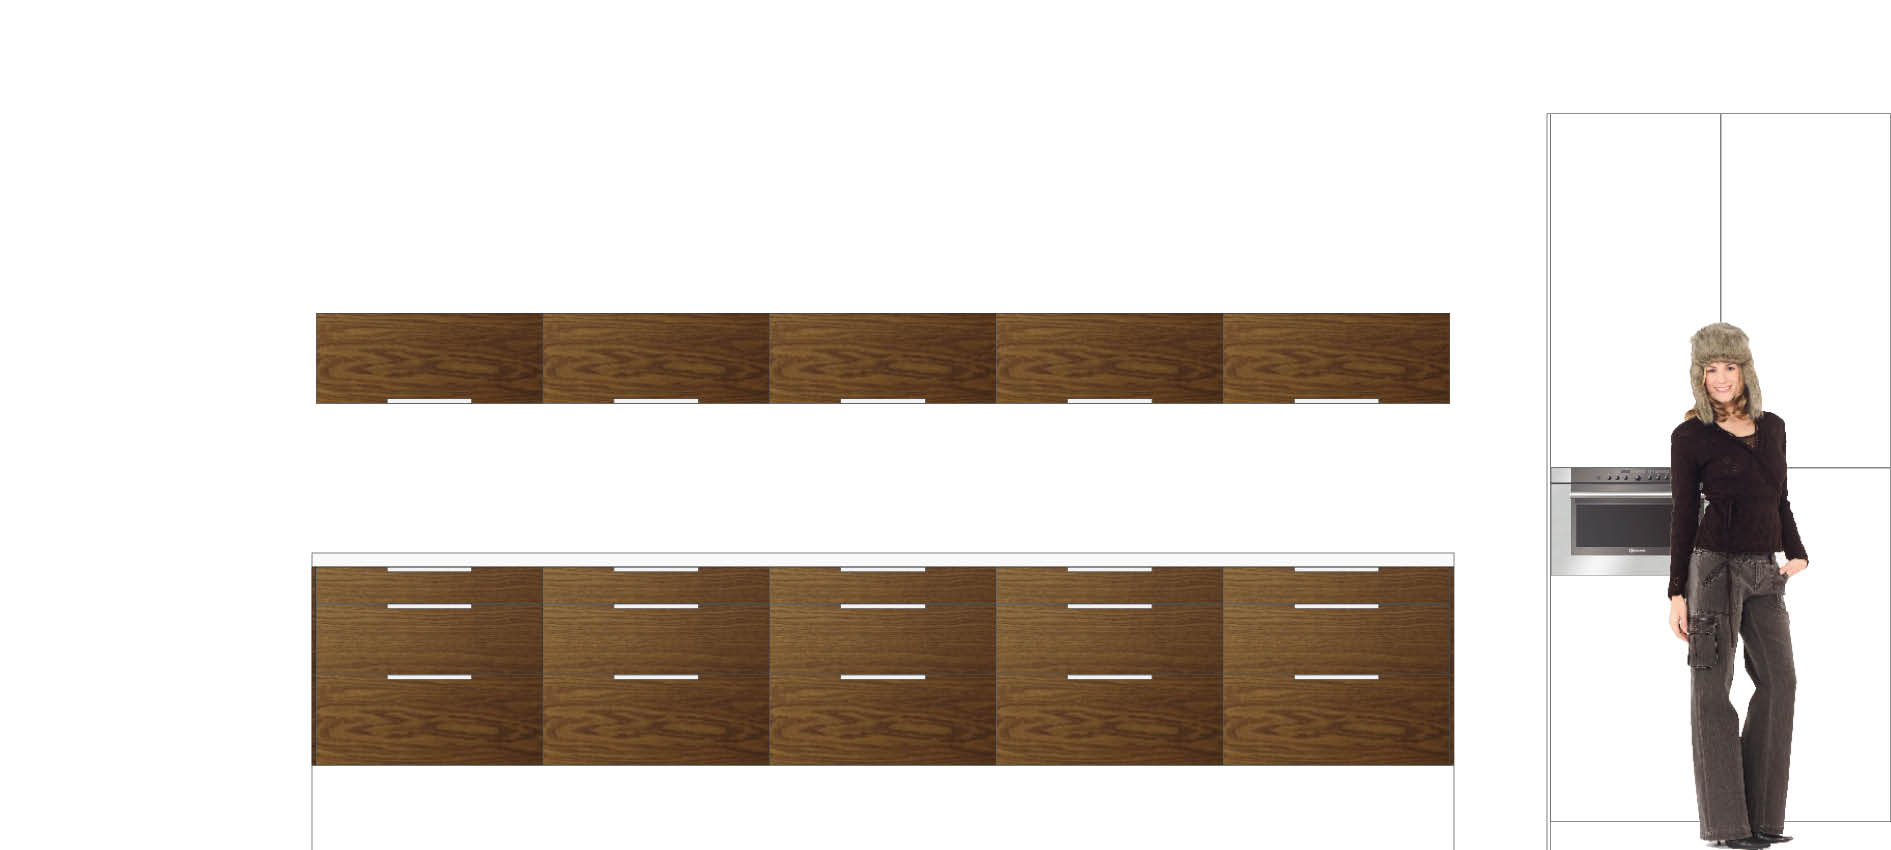 Full Size of Single Küchen Ikea 8 Singleküche Mit E Geräten Küche Kosten Modulküche Miniküche Betten Bei Sofa Schlaffunktion Kaufen Kühlschrank Regal 160x200 Wohnzimmer Single Küchen Ikea